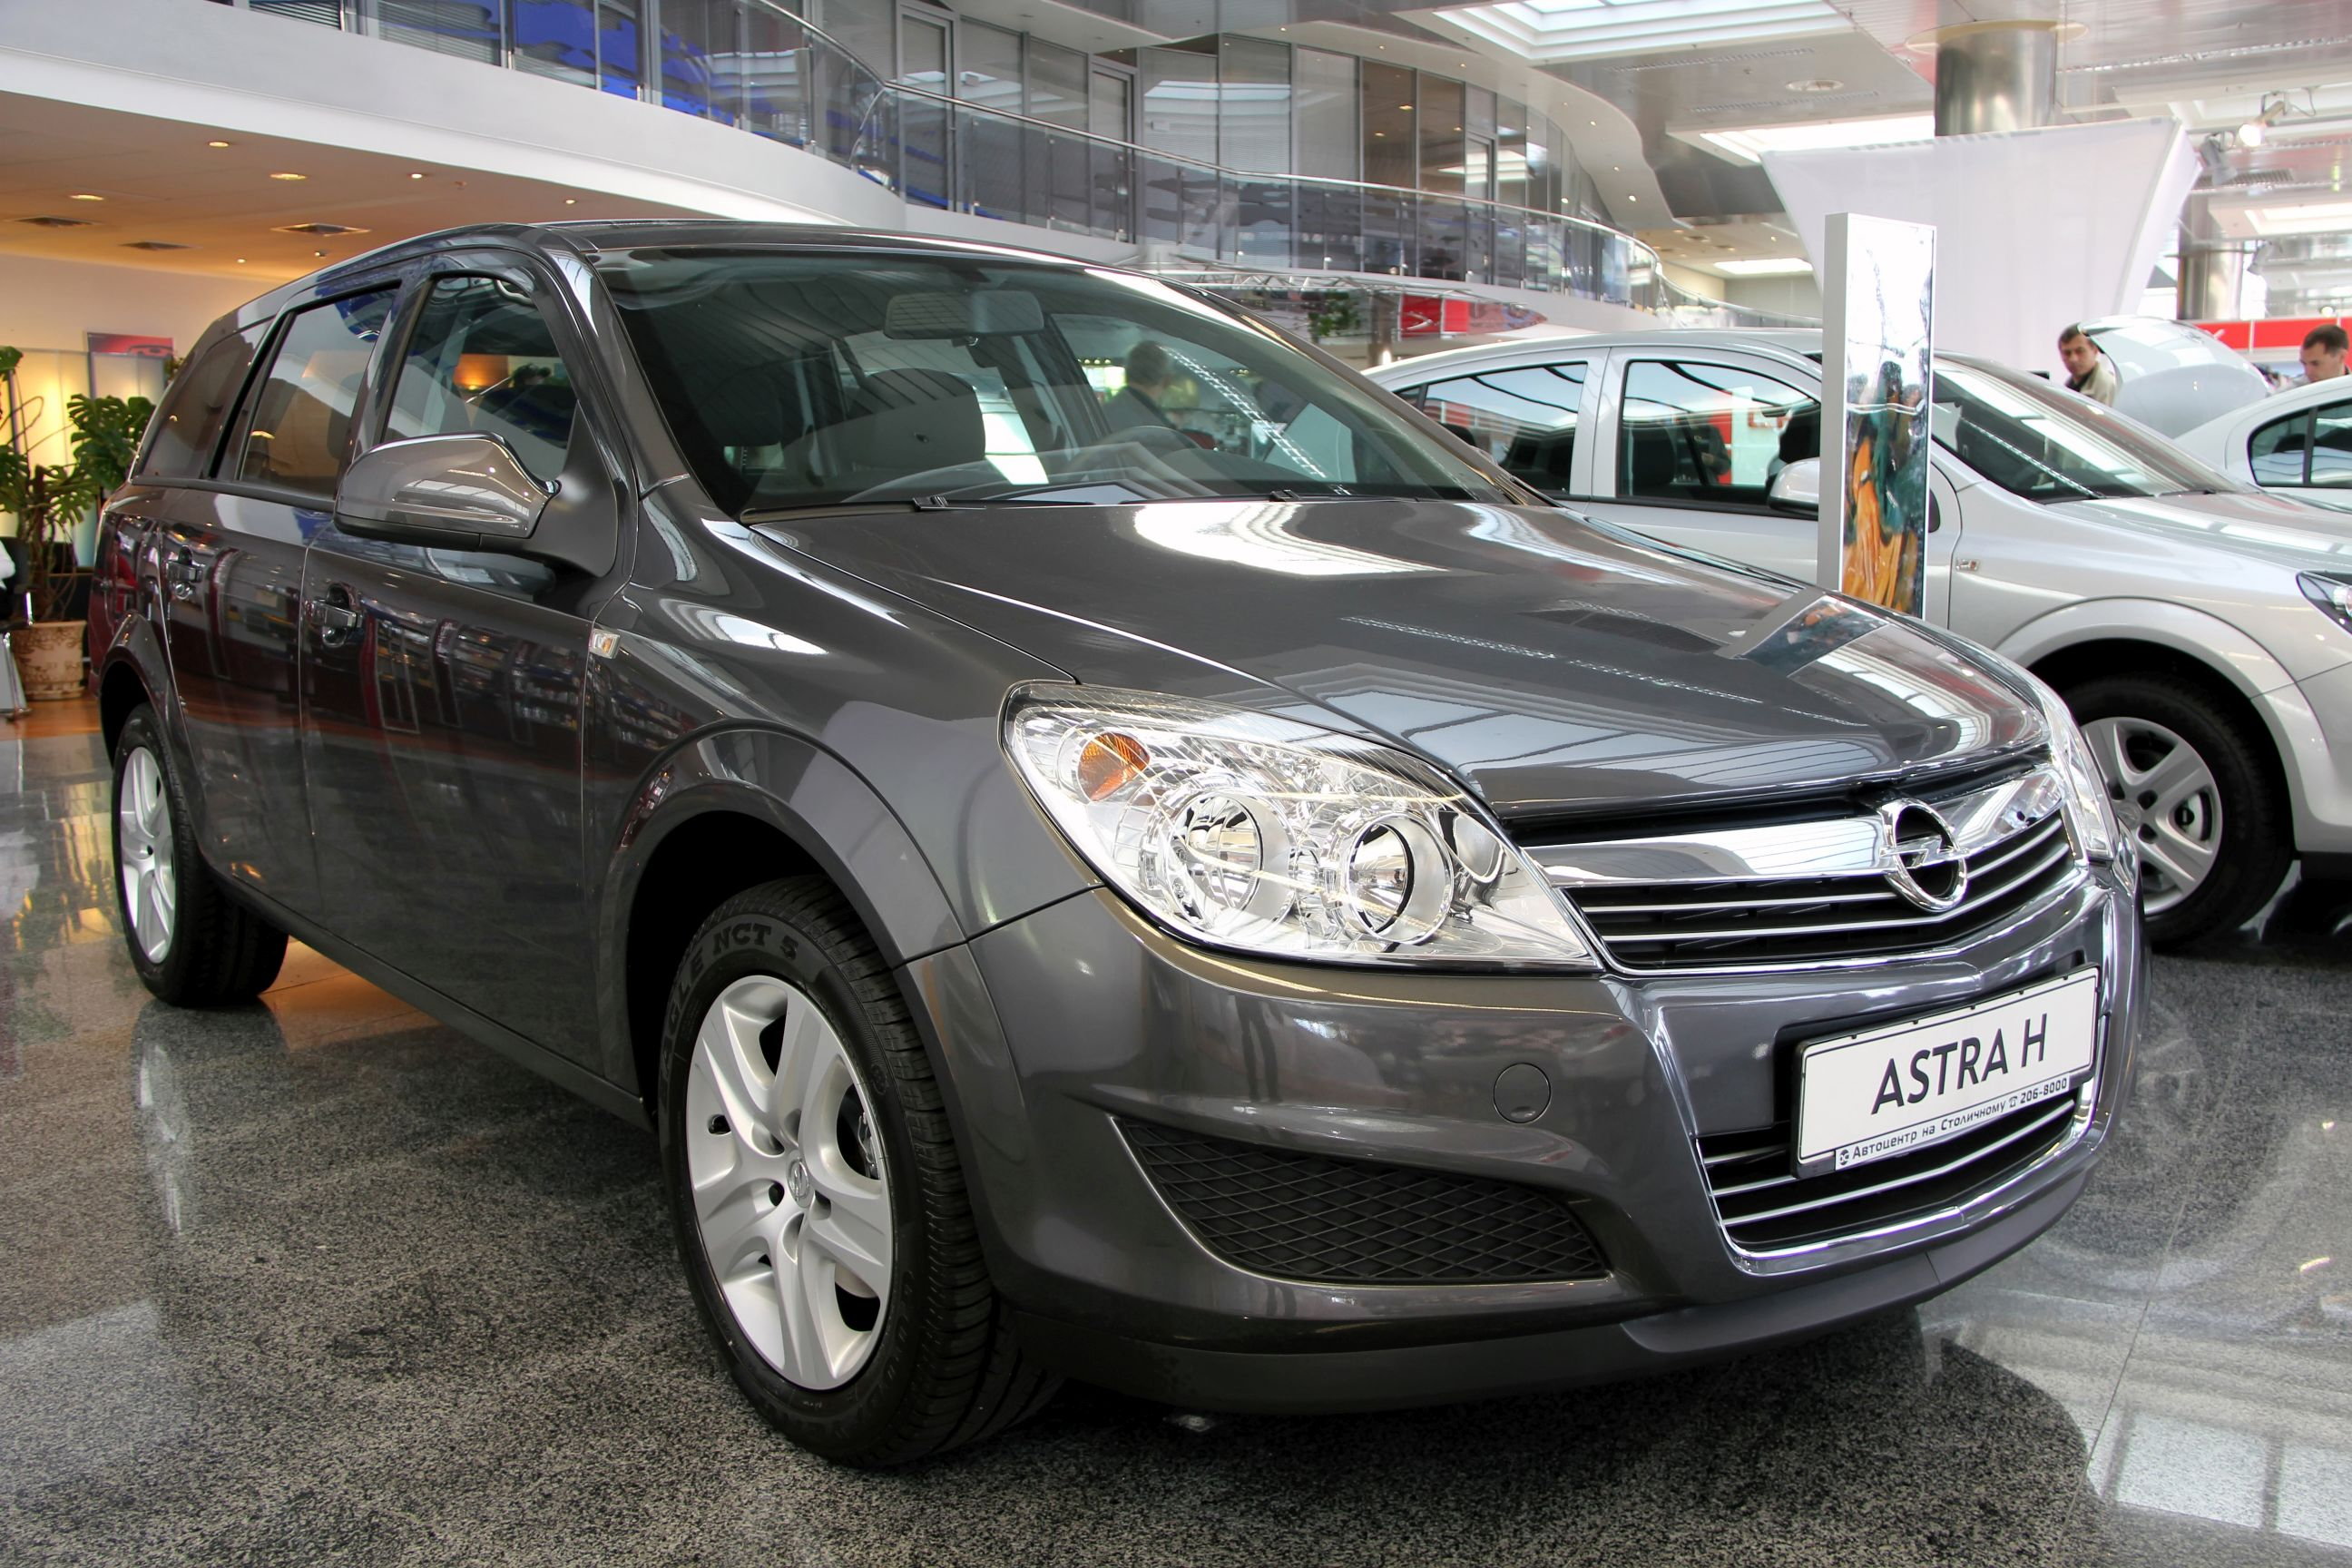 Najczęstsze Usterki Samochodu Marki Opel Astra H Blog